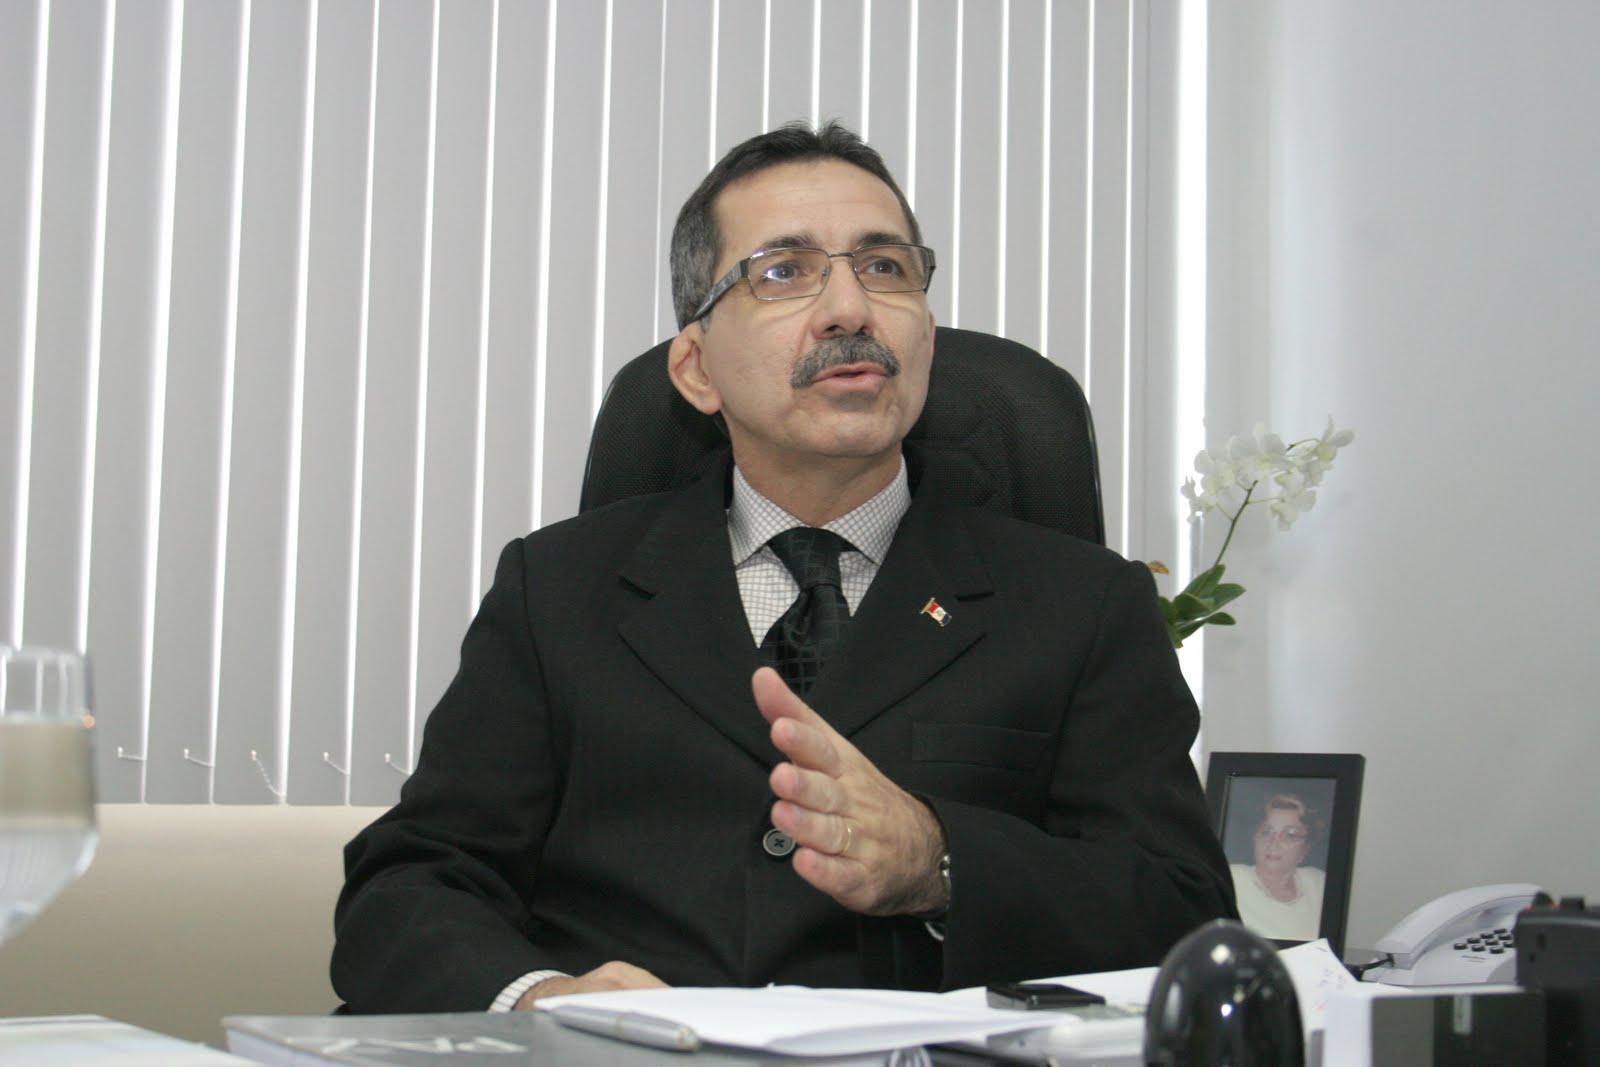 Luiz Otávio alerta: pode faltar comida para preso e remédio na saúde se ALE não aprovar projetos do governo